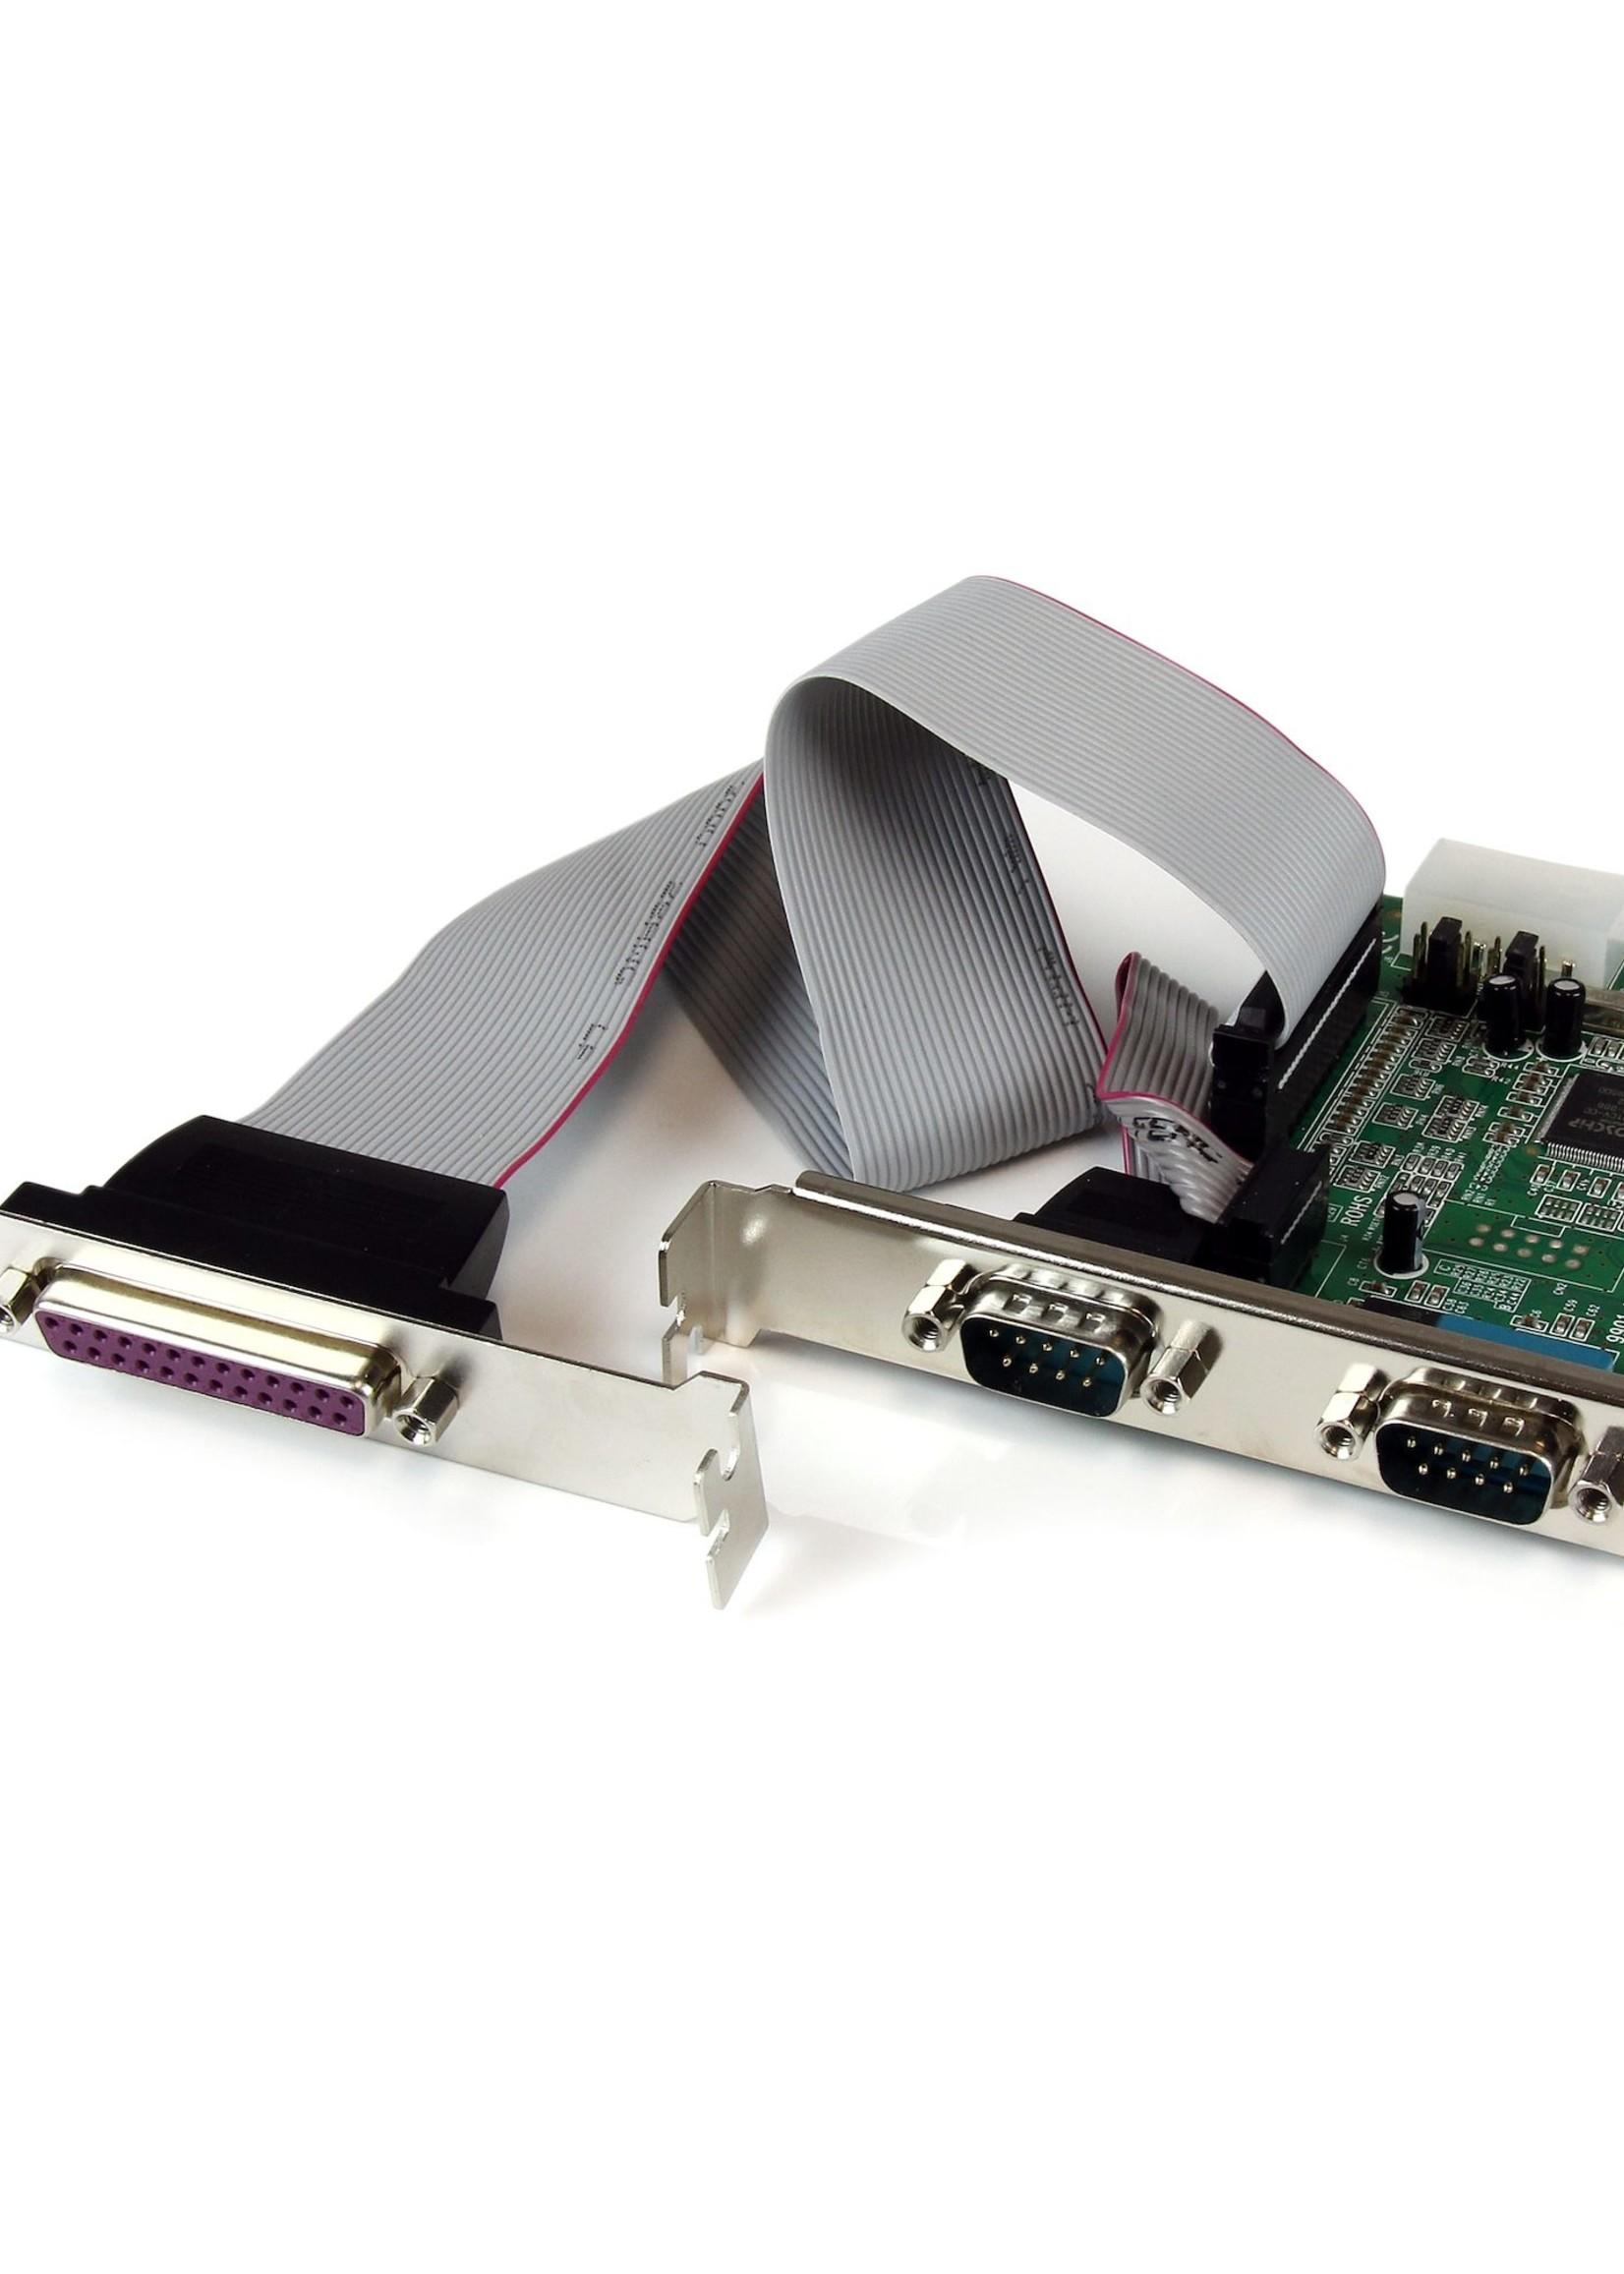 StarTech StarTech 2 Serial 1 Parallel PCI Express Card